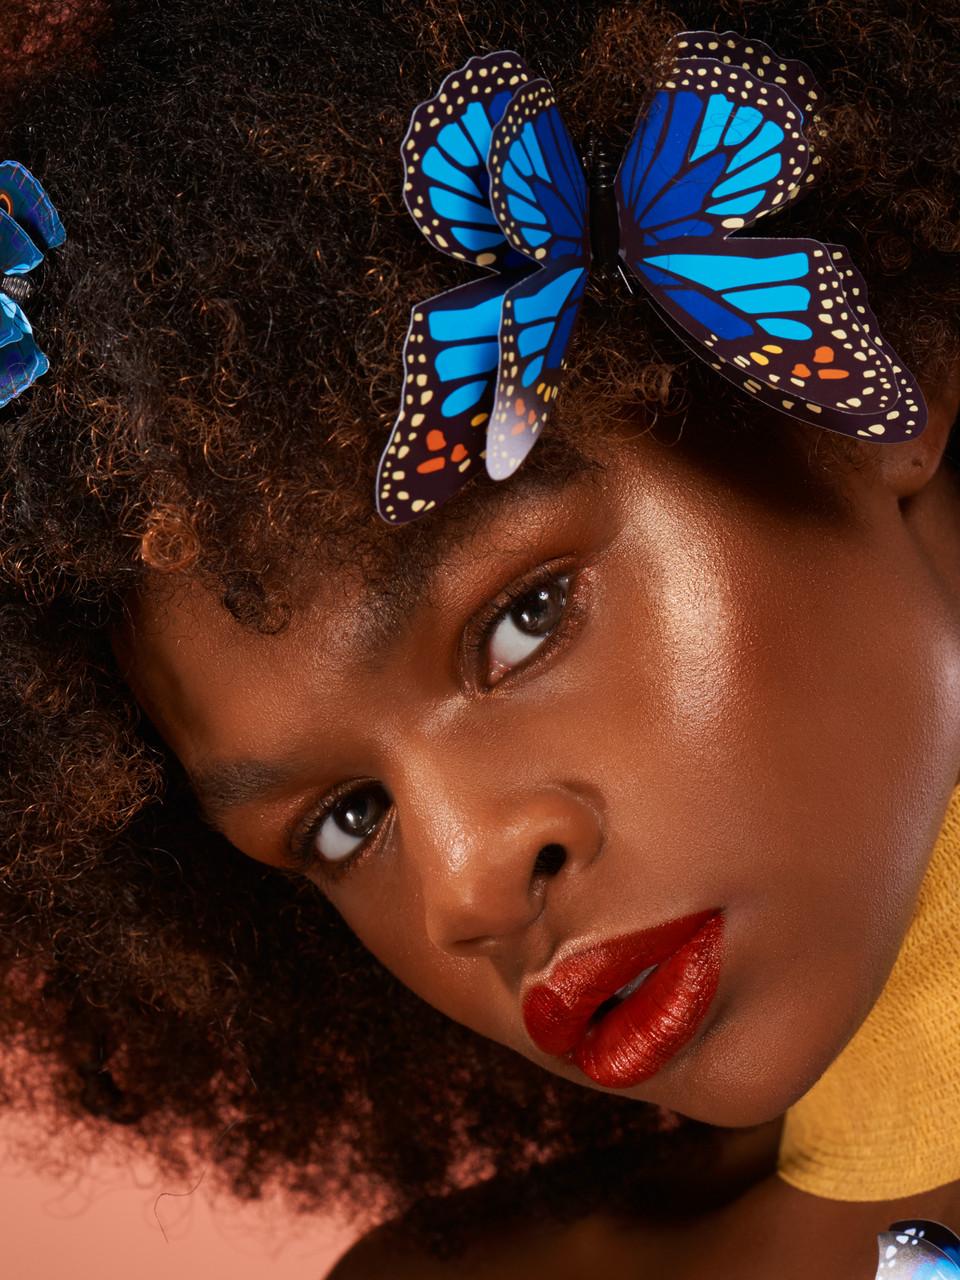 caitlin wyman editorial beauty creative